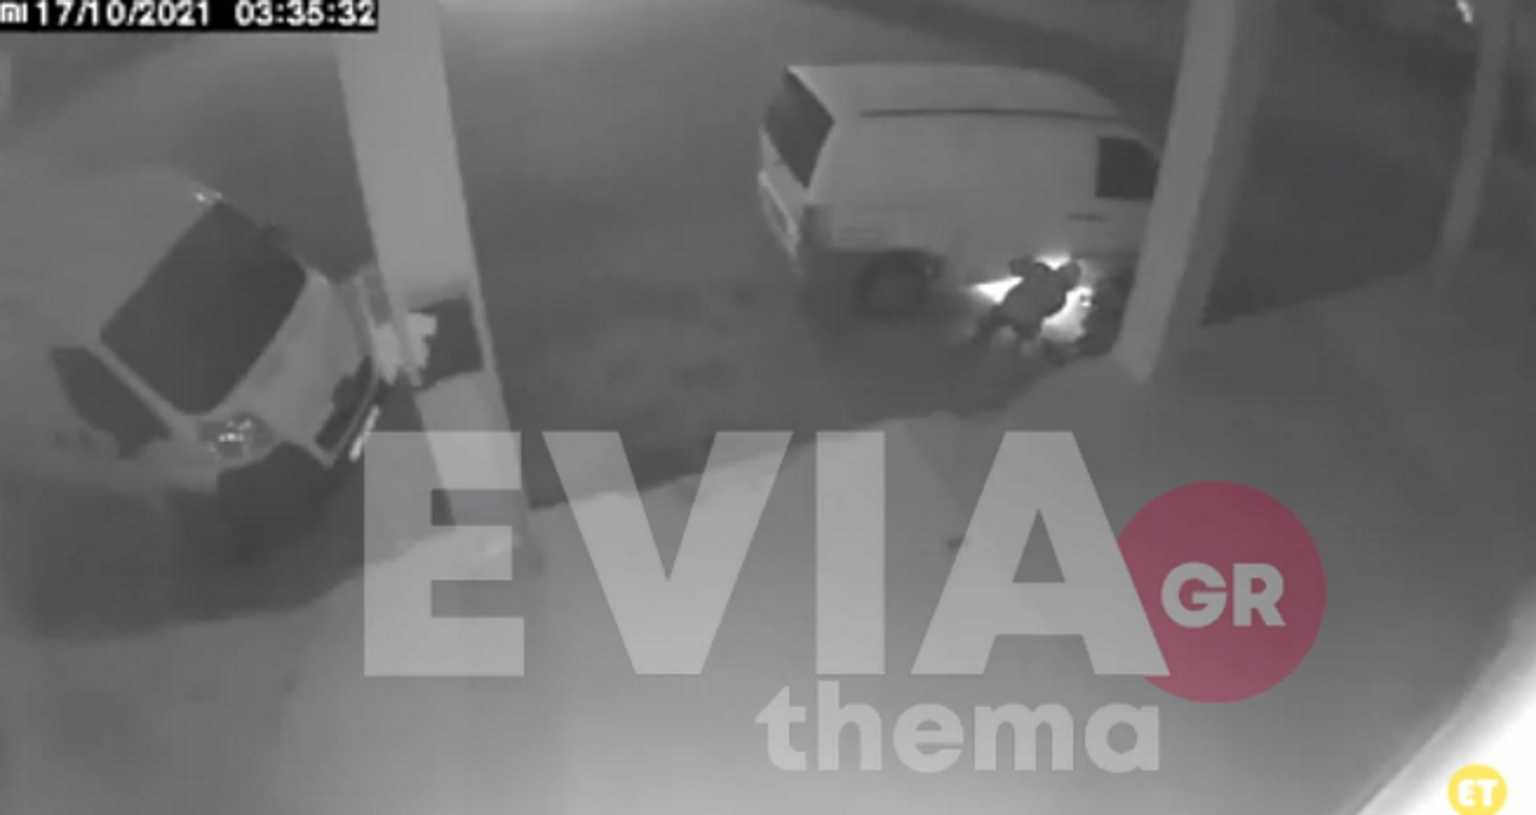 Βίντεο ντοκουμέντο από τη δράση σπείρας που κλέβει καταλύτες αυτοκινήτων στη Χαλκίδα